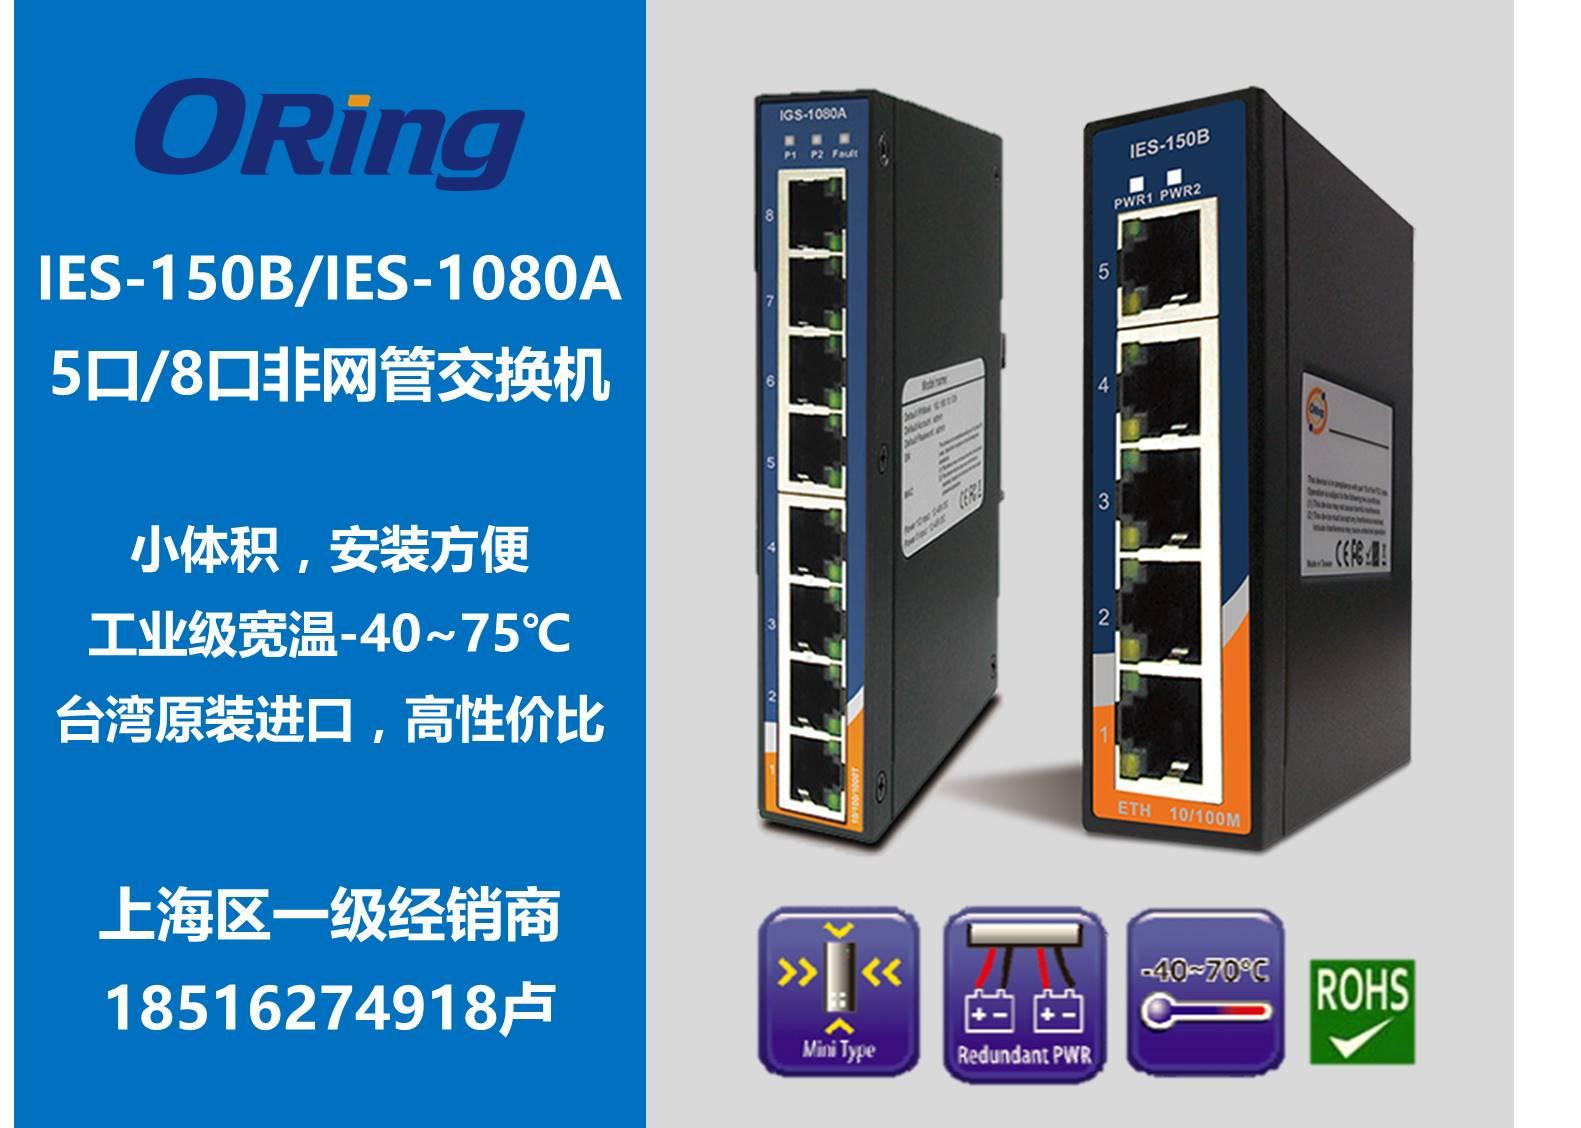 上海鋆锦提供品牌好的ORingIES-150B交换机_ORing以太网交换机